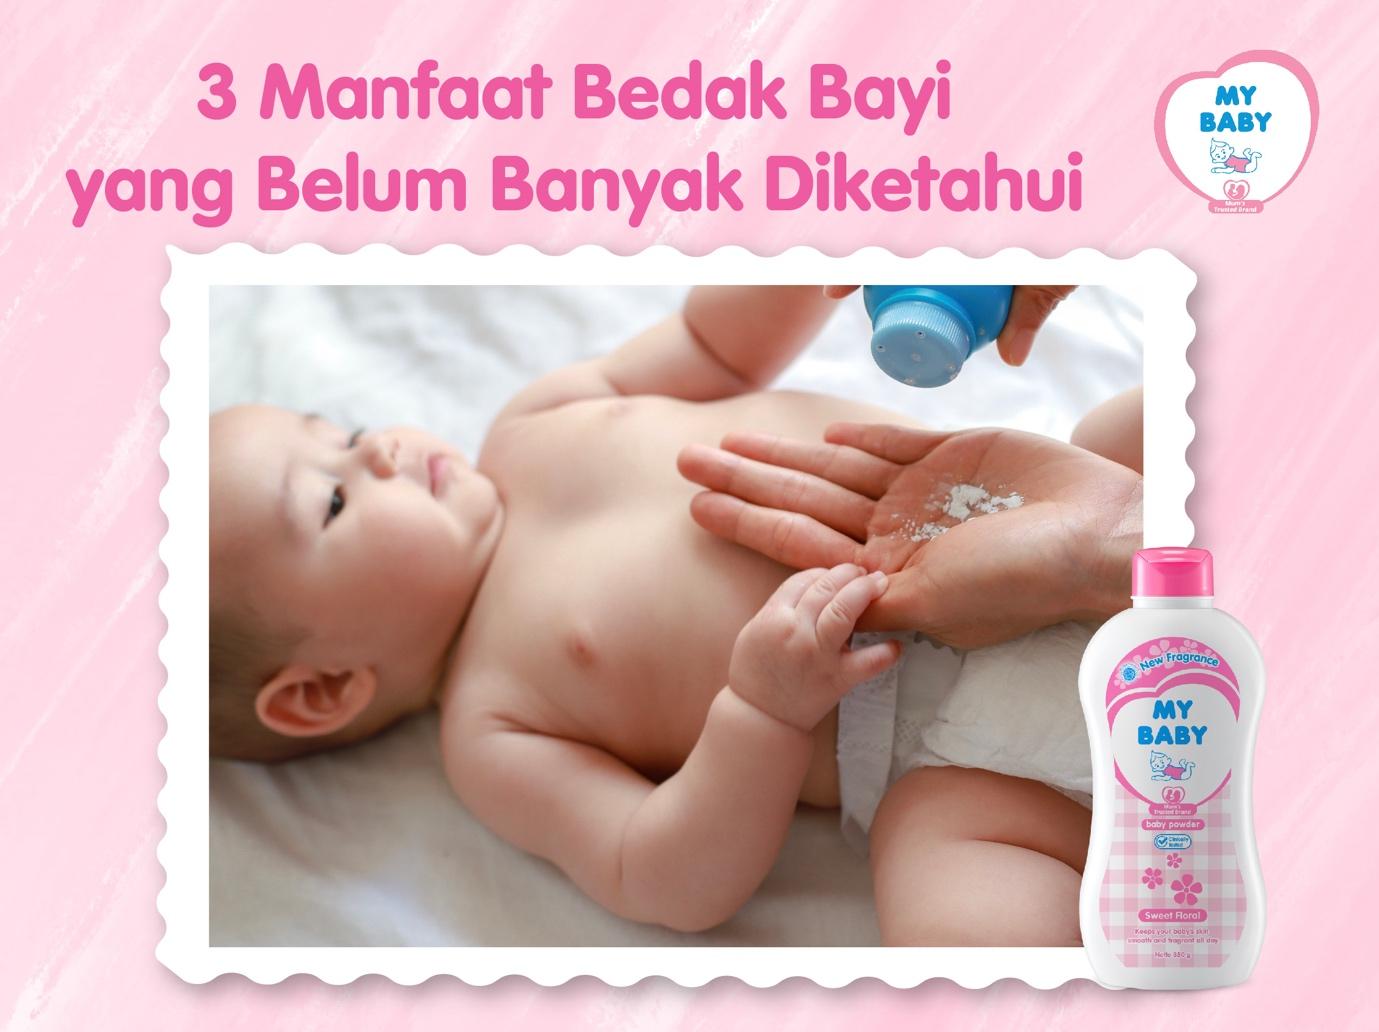 3 Manfaat Bedak Bayi Yang Belum Banyak Diketahui